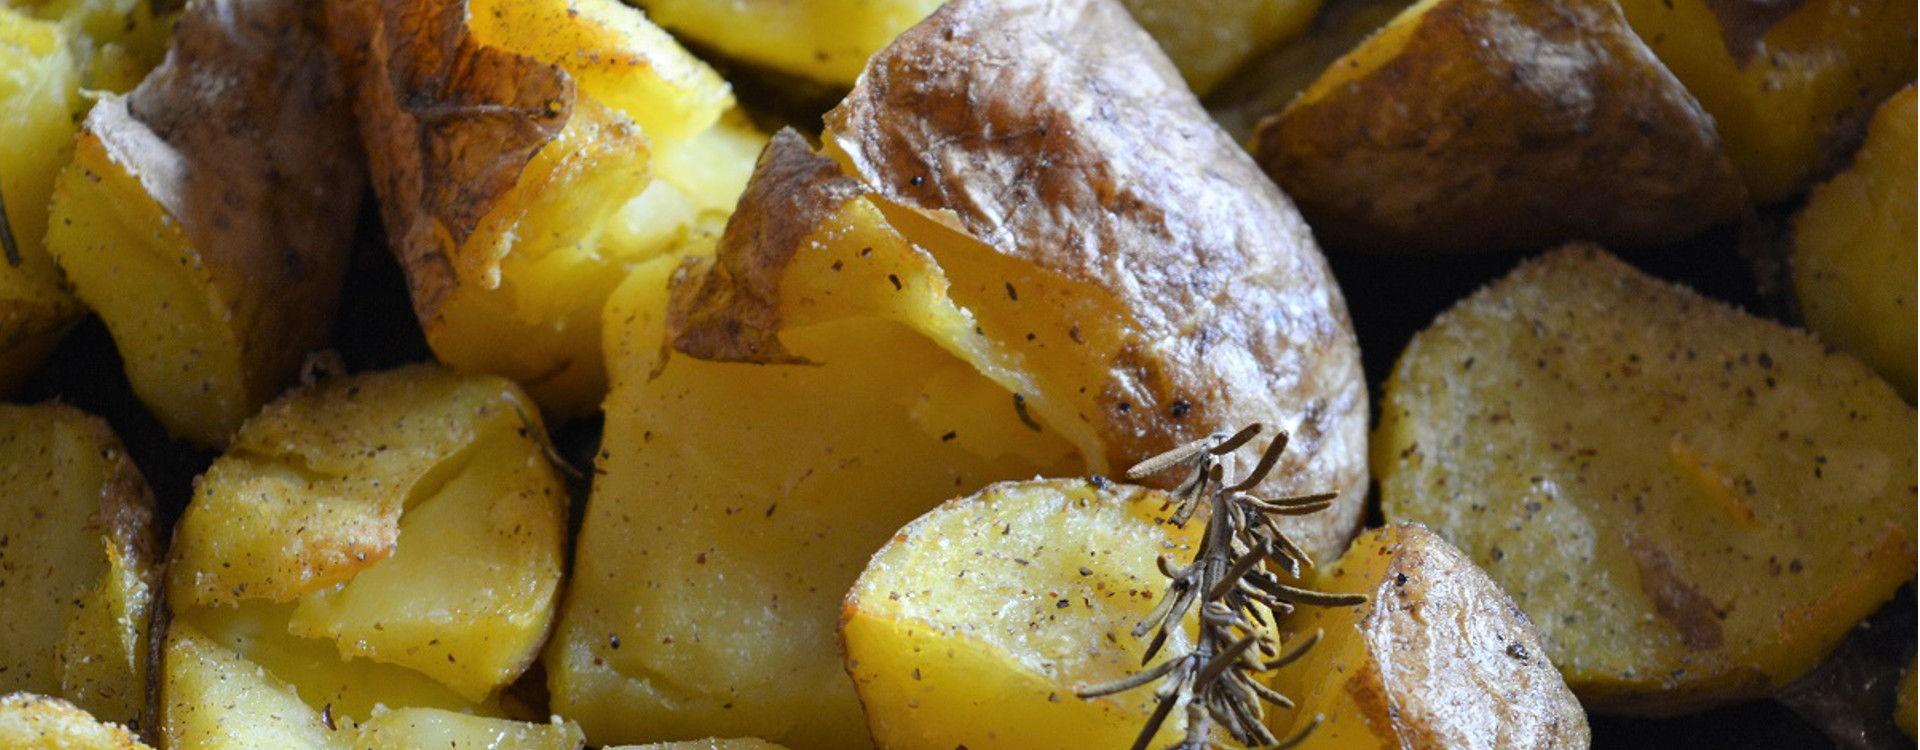 Patate al forno con pangrattato e rosmarino